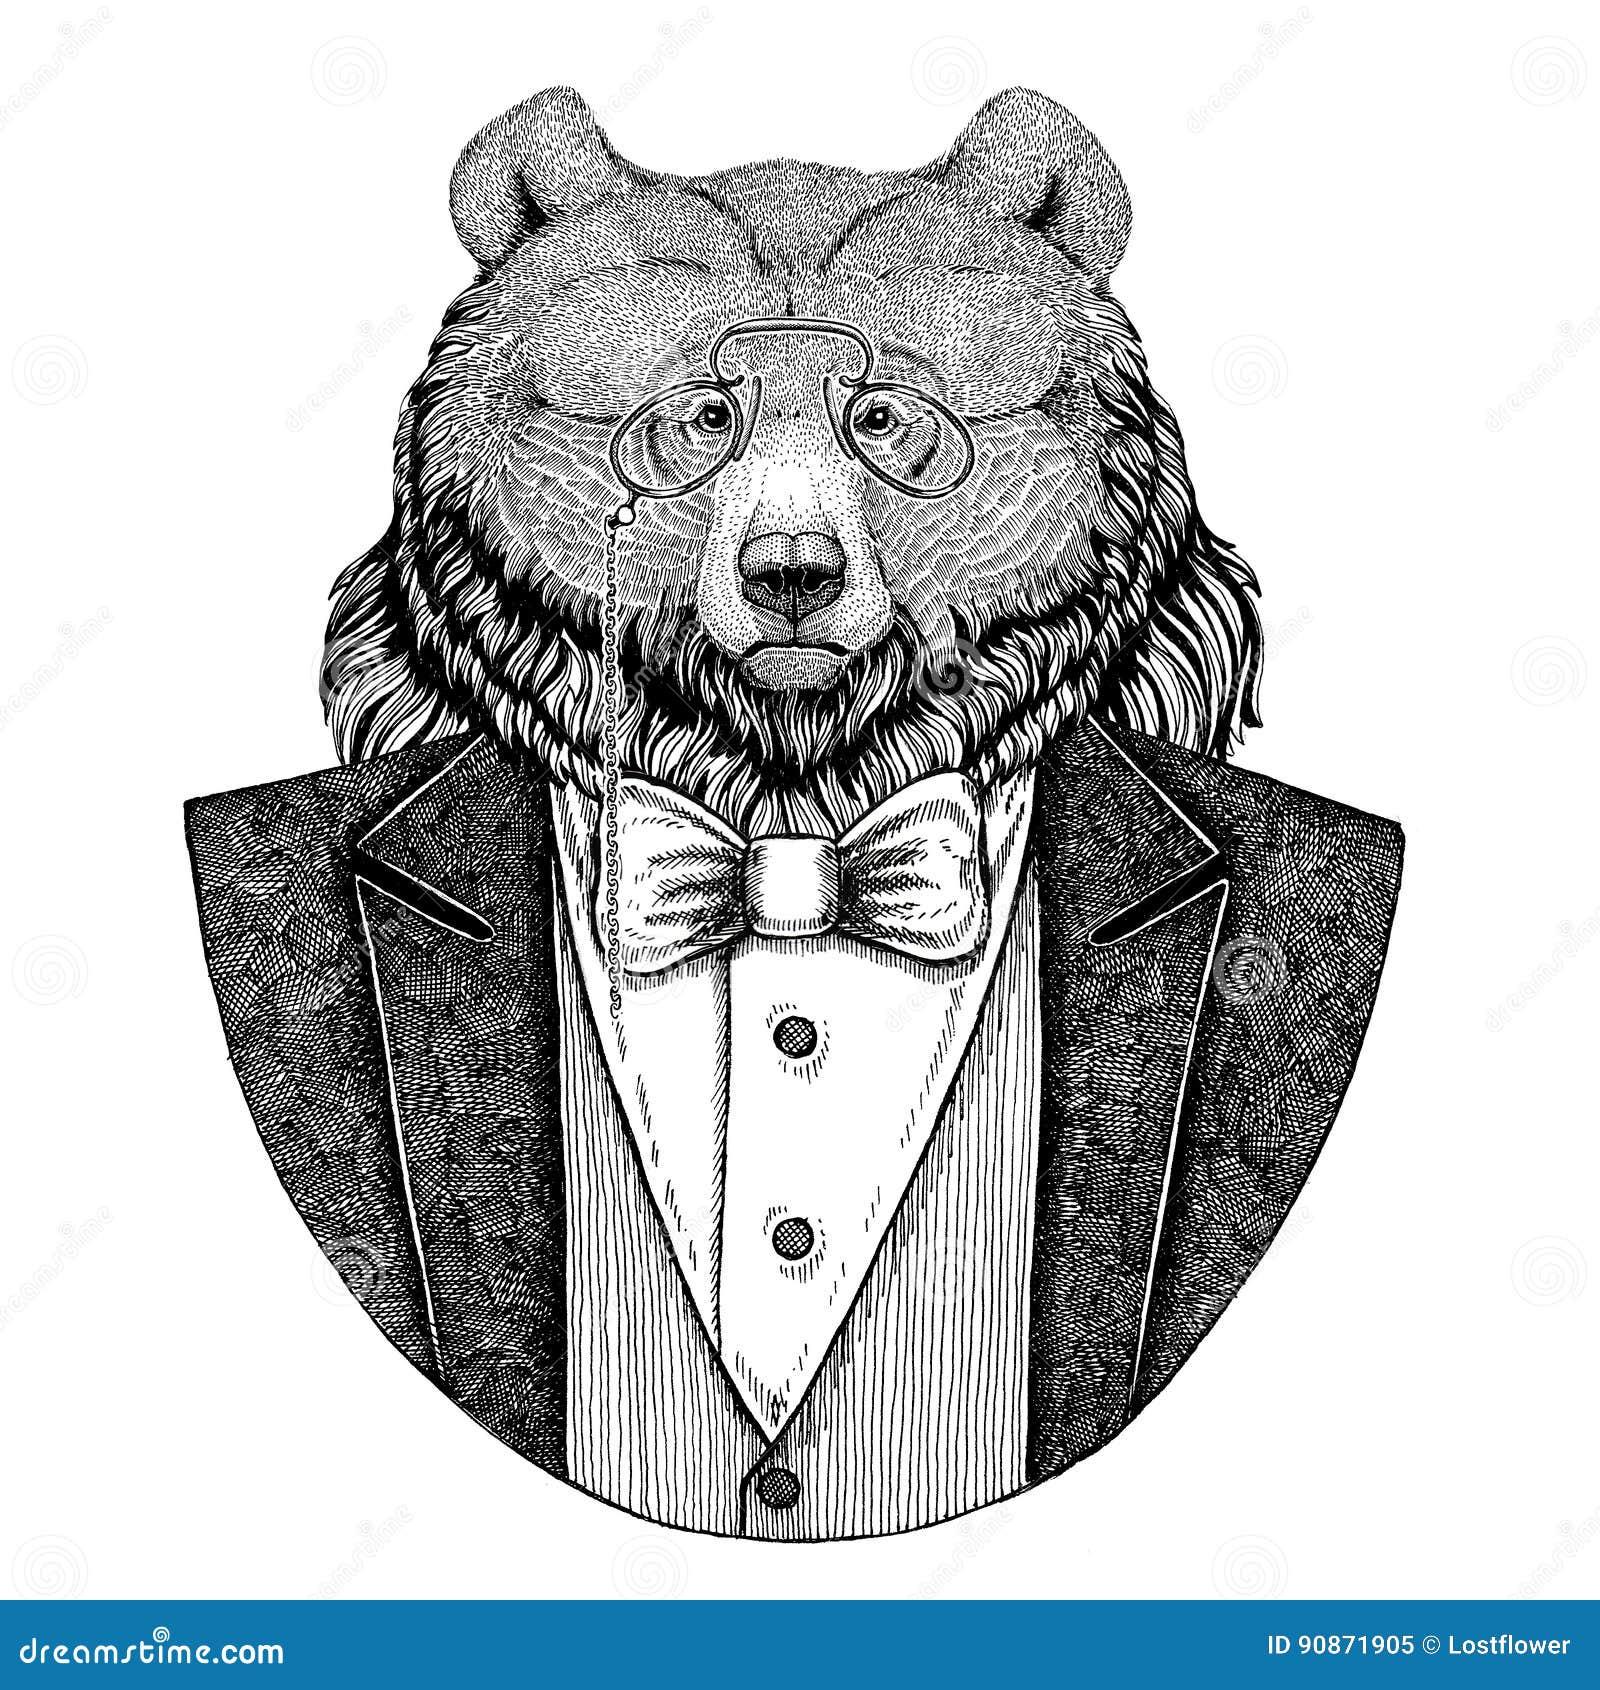 För björnHipster för grisslybjörn stor lös dragen illustration djur hand för tatueringen, emblem, emblem, logo, lapp, t-skjorta